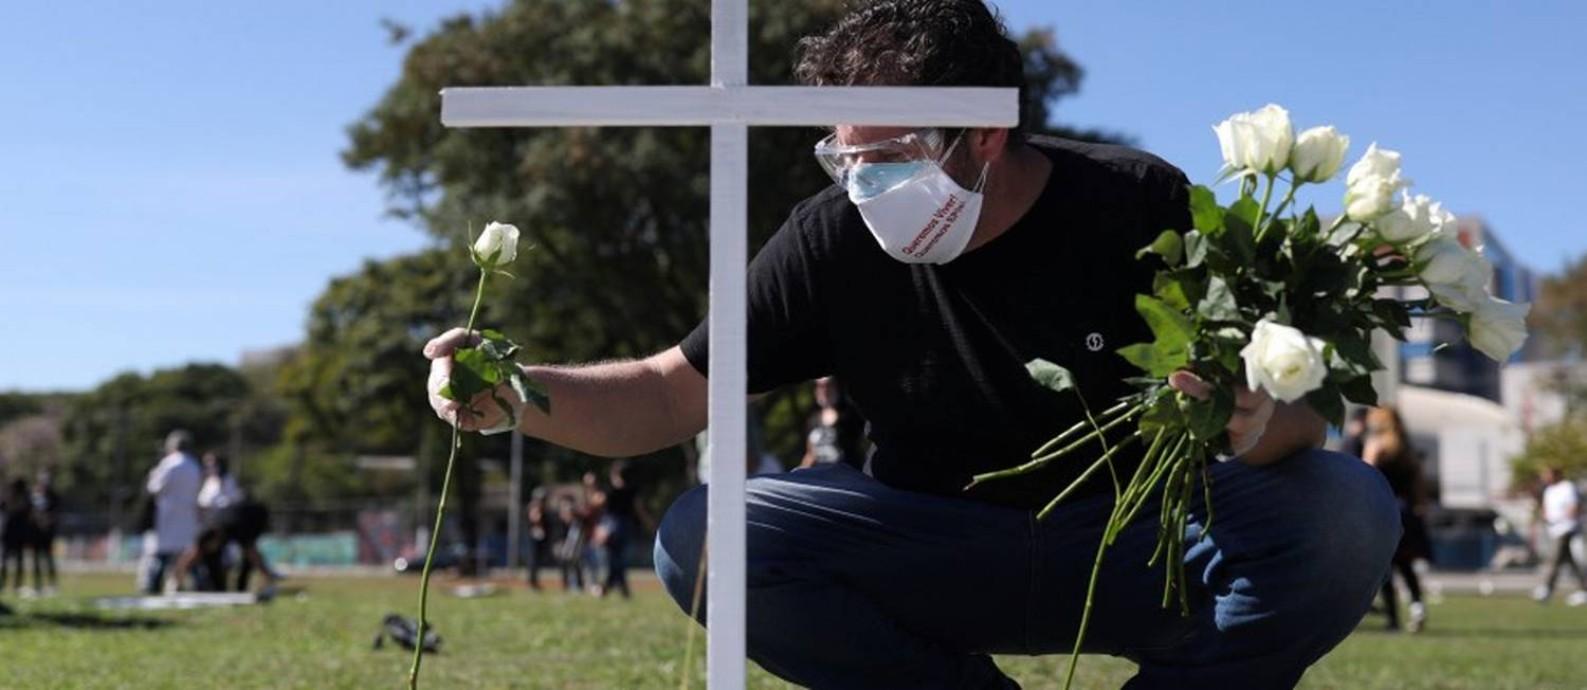 Homem coloca uma flor diante de uma cruz simbólica num protesto e homenagem a profissionais da saúde mortos pela Covid-19 em São Paulo Foto: AMANDA PEROBELLI / REUTERS